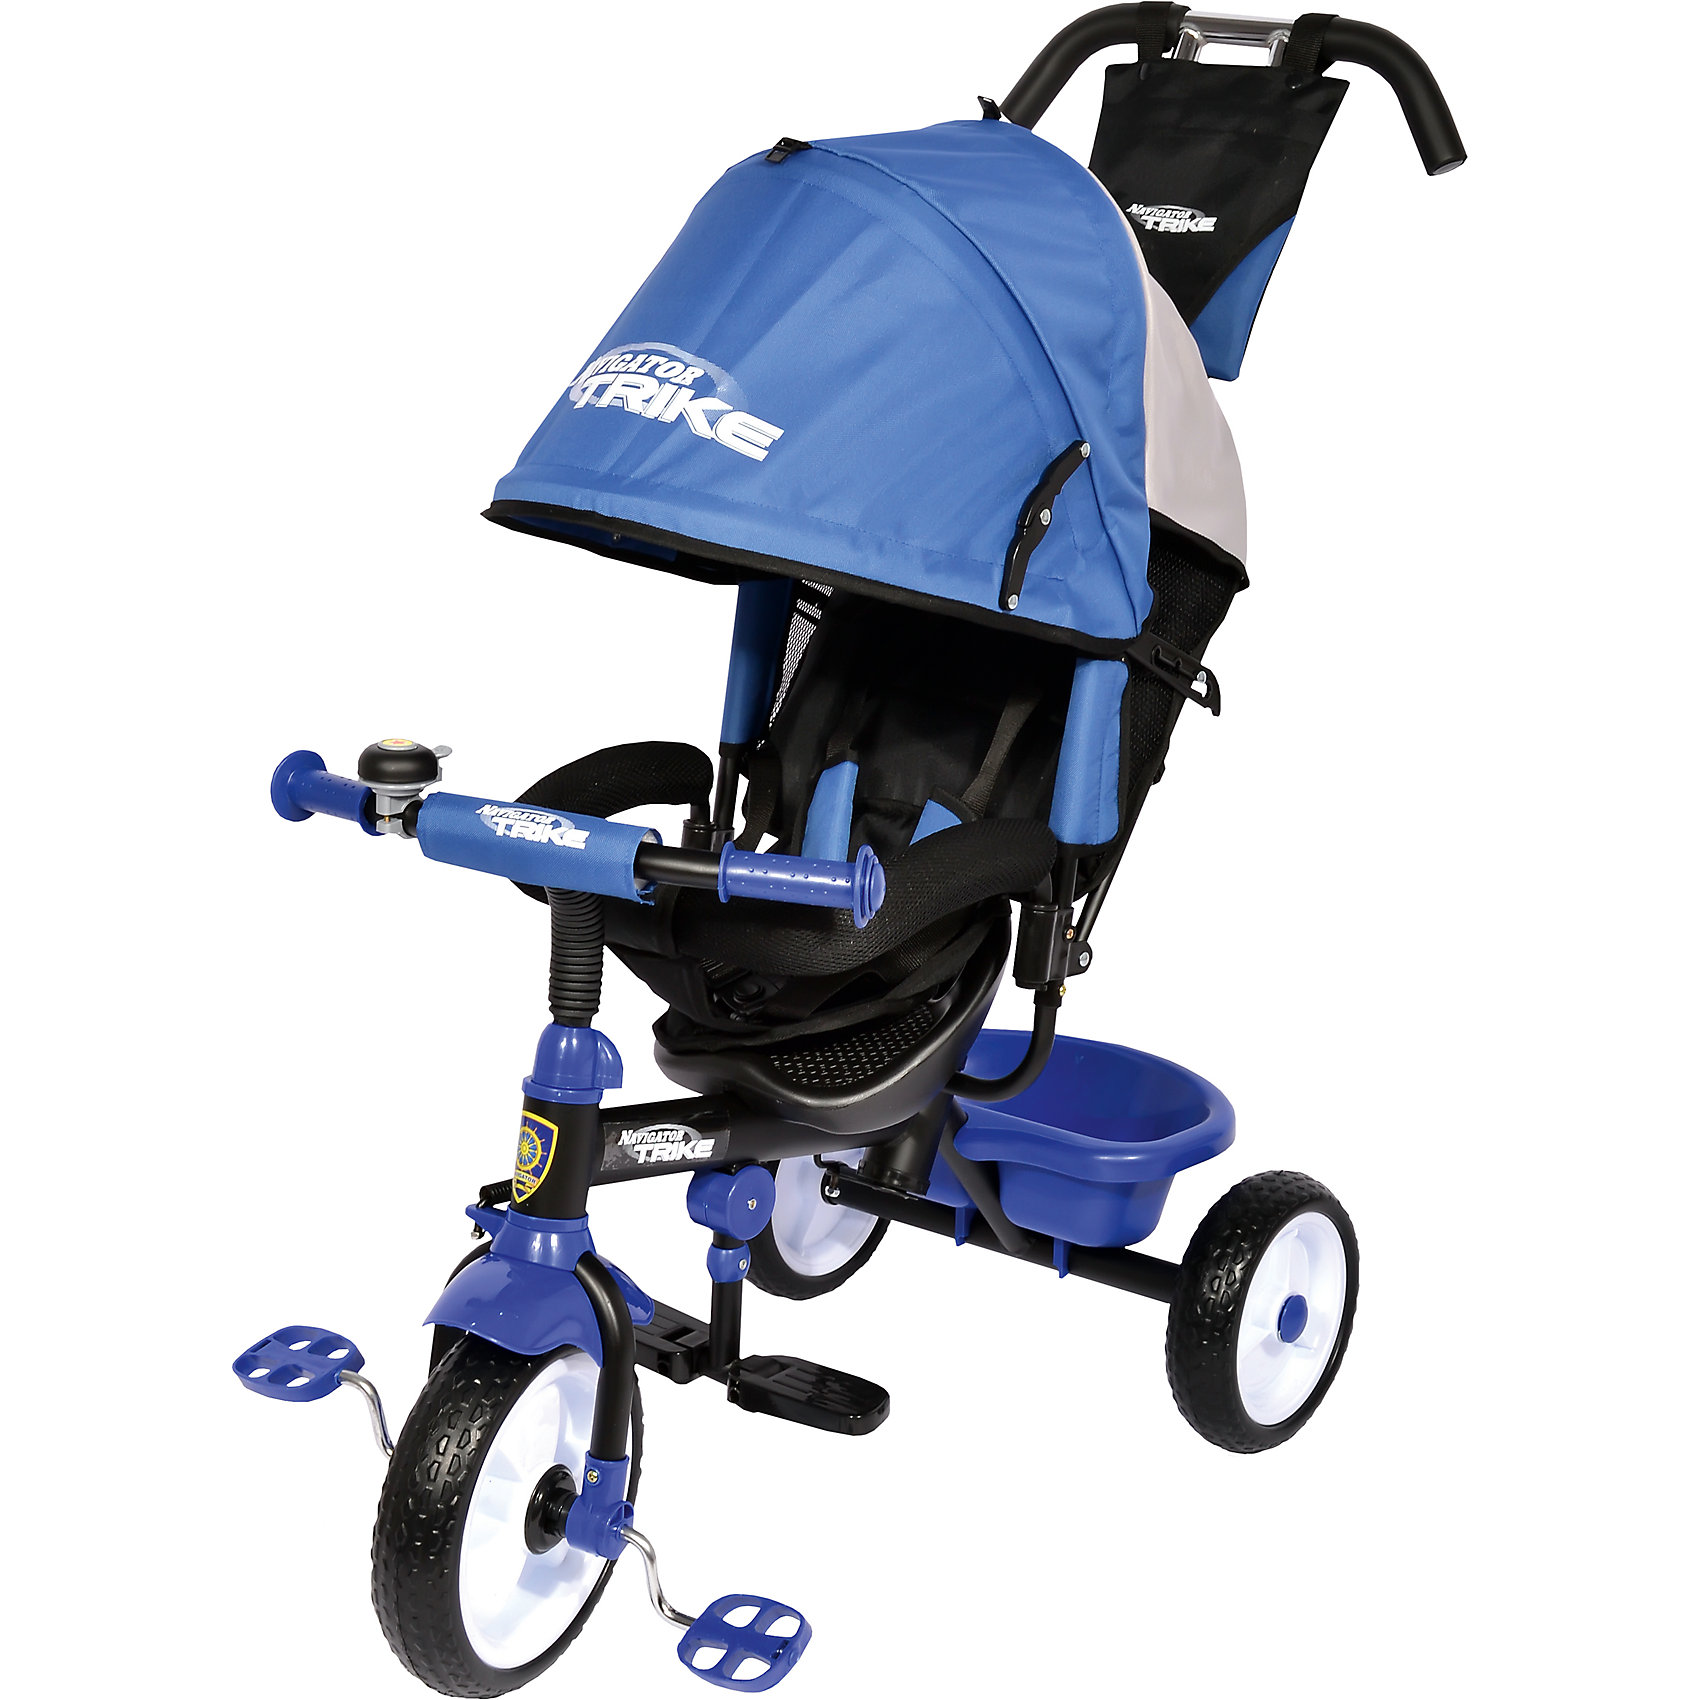 Трехколесный велосипед Lexus, с утолщенными колесами, синий, NavigatorВелосипеды детские<br>Трехколесный велосипед Lexus, с утолщенными колесами, синий, Navigator.<br><br>Характеристики:<br><br>• Для детей в возрасте: от 18 месяцев до 5 лет<br>• Максимальная нагрузка: 25 кг.<br>• Материал: металл, пластик, текстиль<br>• Цвет: синий<br>• Диаметр переднего колеса: 25 см.<br>• Диаметр задних колес: 20 см.<br>• Вес в упаковке: 9,2 кг.<br>• Размер упаковки: 61х26х40 см.<br><br>Трехколесный велосипед Lexus может стать отличным детским транспортом в теплое время года. Он оснащен разъемным страховочным ободом и трехточечными ремнями безопасности. Рама велосипеда изготовлена из прочного металла. Утолщенные колеса обеспечивают плавное движение транспорта и хорошее сцепление с дорогой. Сиденье с регулируемой спинкой покрыто мягкой, но прочной тканью. Для удобного расположения ног малыша есть складные подножки. Широкий складной водонепроницаемый тент с окошечком сможет укрыть ребенка от дождя или палящего солнца. Велосипед Lexus оснащен регулируемой двойной ручкой, которая управляет передним колесом. Снизу велосипеда есть вместительная корзина, в которую можно сложить детские игрушки. А для небольших вещей малыша предусмотрена текстильная сумочка, закреплённая на ручке. Установленный на руле звонок, издающий при нажатии интересный звук, сможет развеселить ребенка во время прогулок на велосипеде.<br><br>Трехколесный велосипед Lexus, с утолщенными колесами, синий, Navigator можно купить в нашем интернет-магазине.<br><br>Ширина мм: 610<br>Глубина мм: 260<br>Высота мм: 400<br>Вес г: 9200<br>Возраст от месяцев: 18<br>Возраст до месяцев: 60<br>Пол: Унисекс<br>Возраст: Детский<br>SKU: 5506939